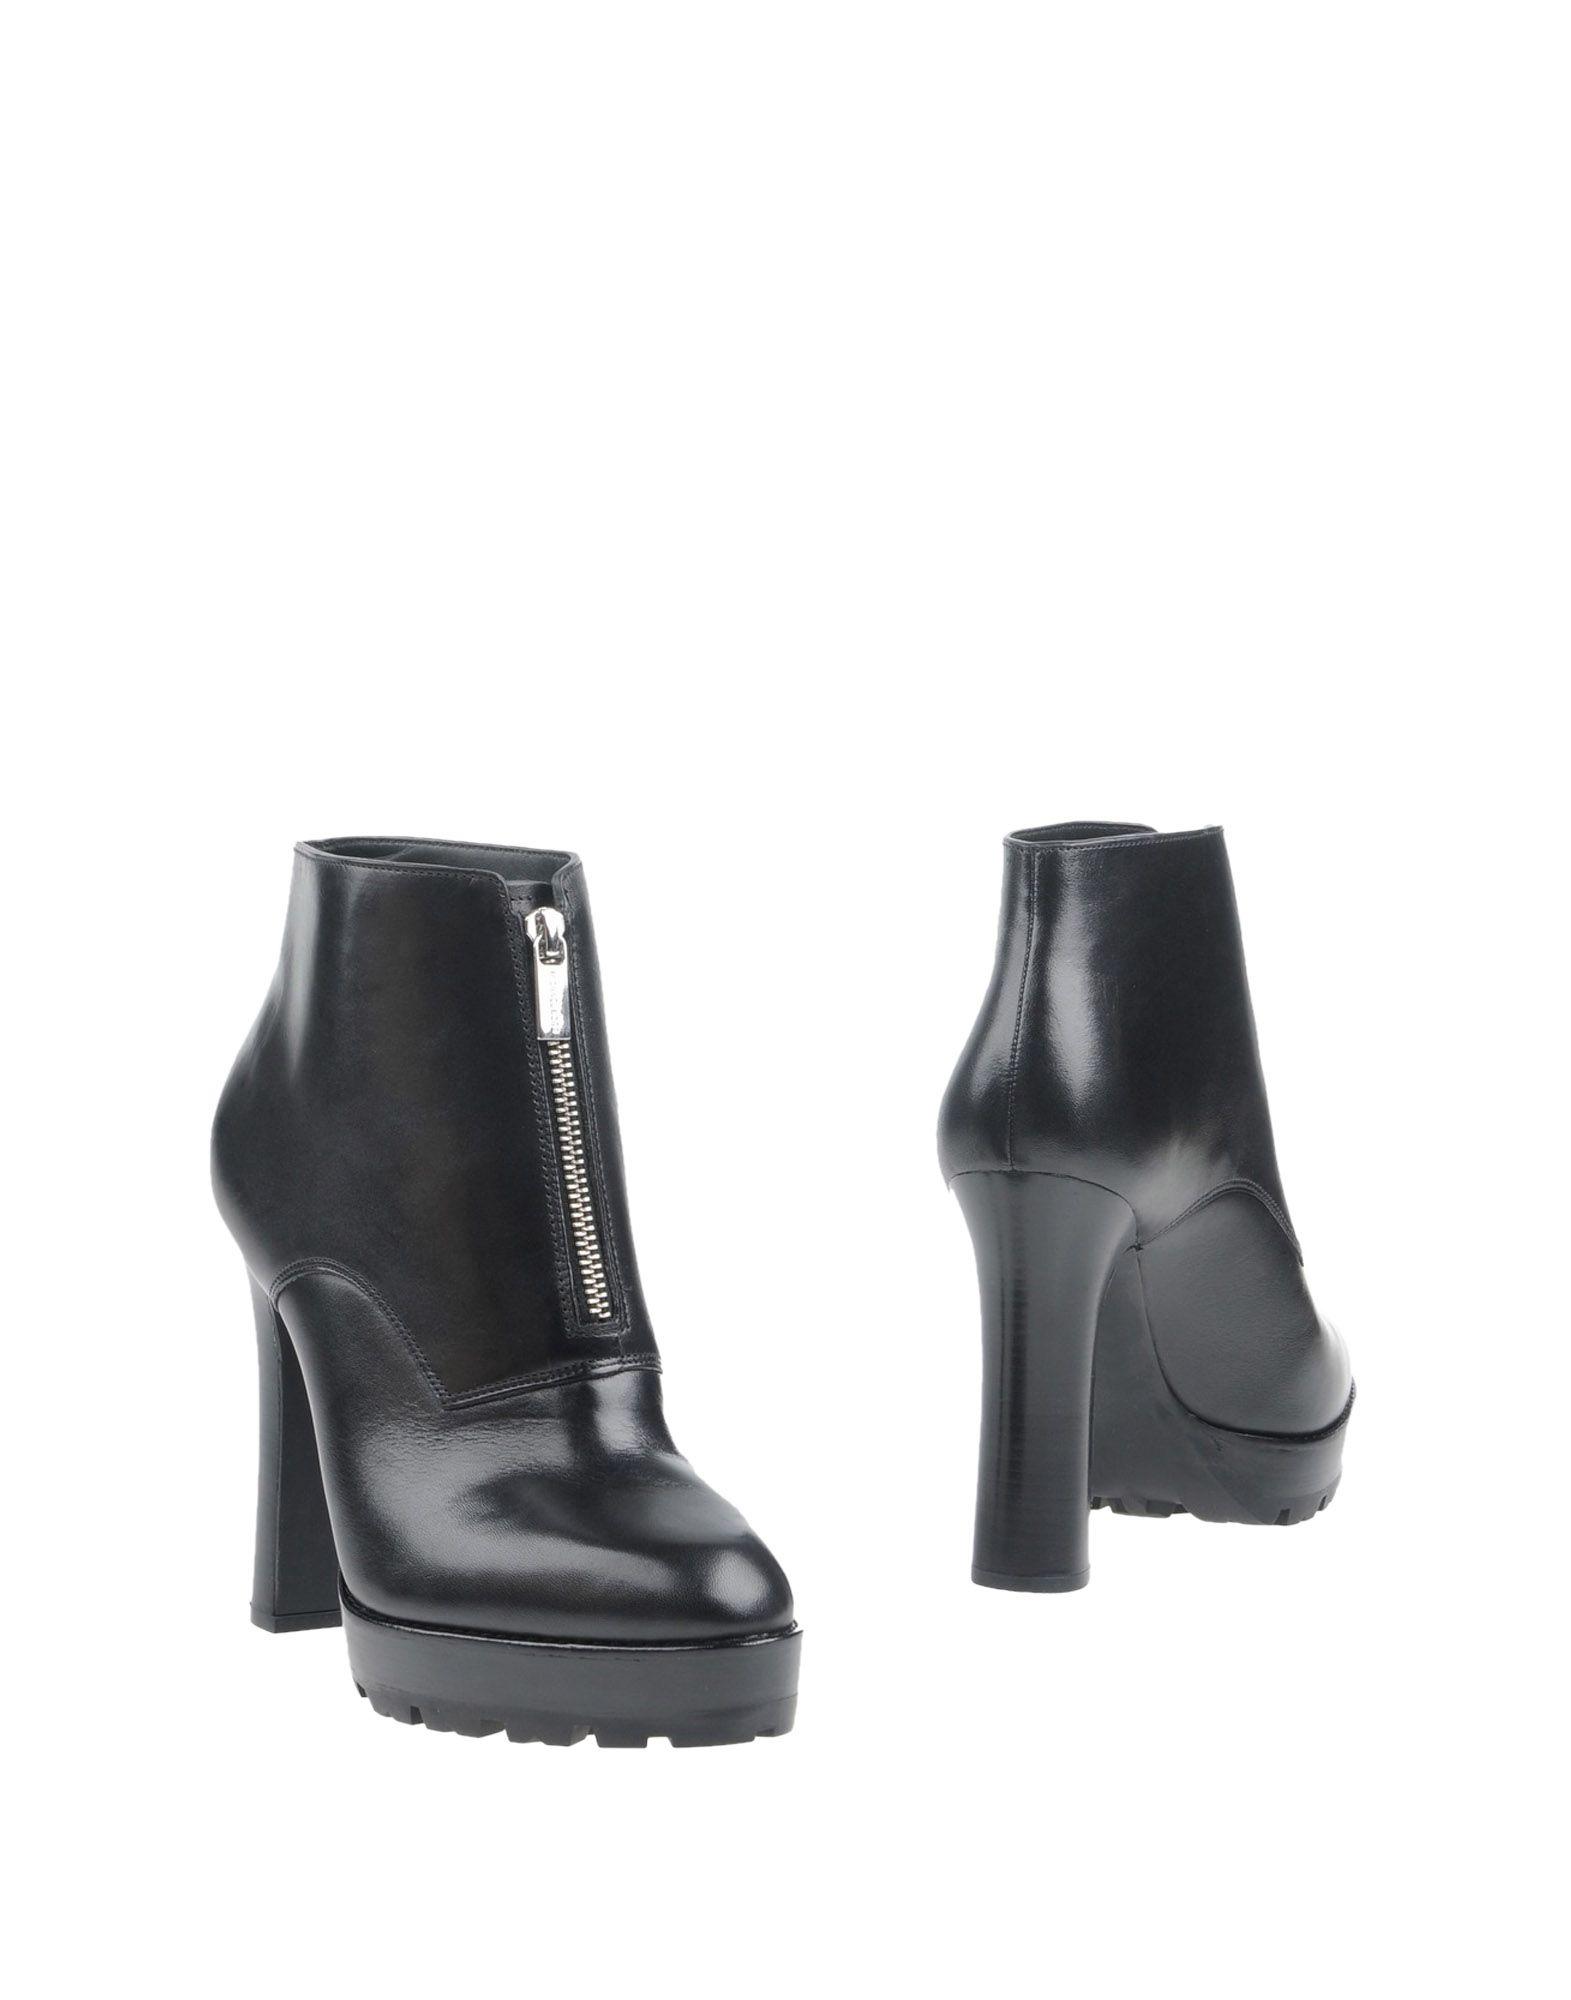 MICHAEL KORS Damen Stiefelette Farbe Schwarz Größe 12